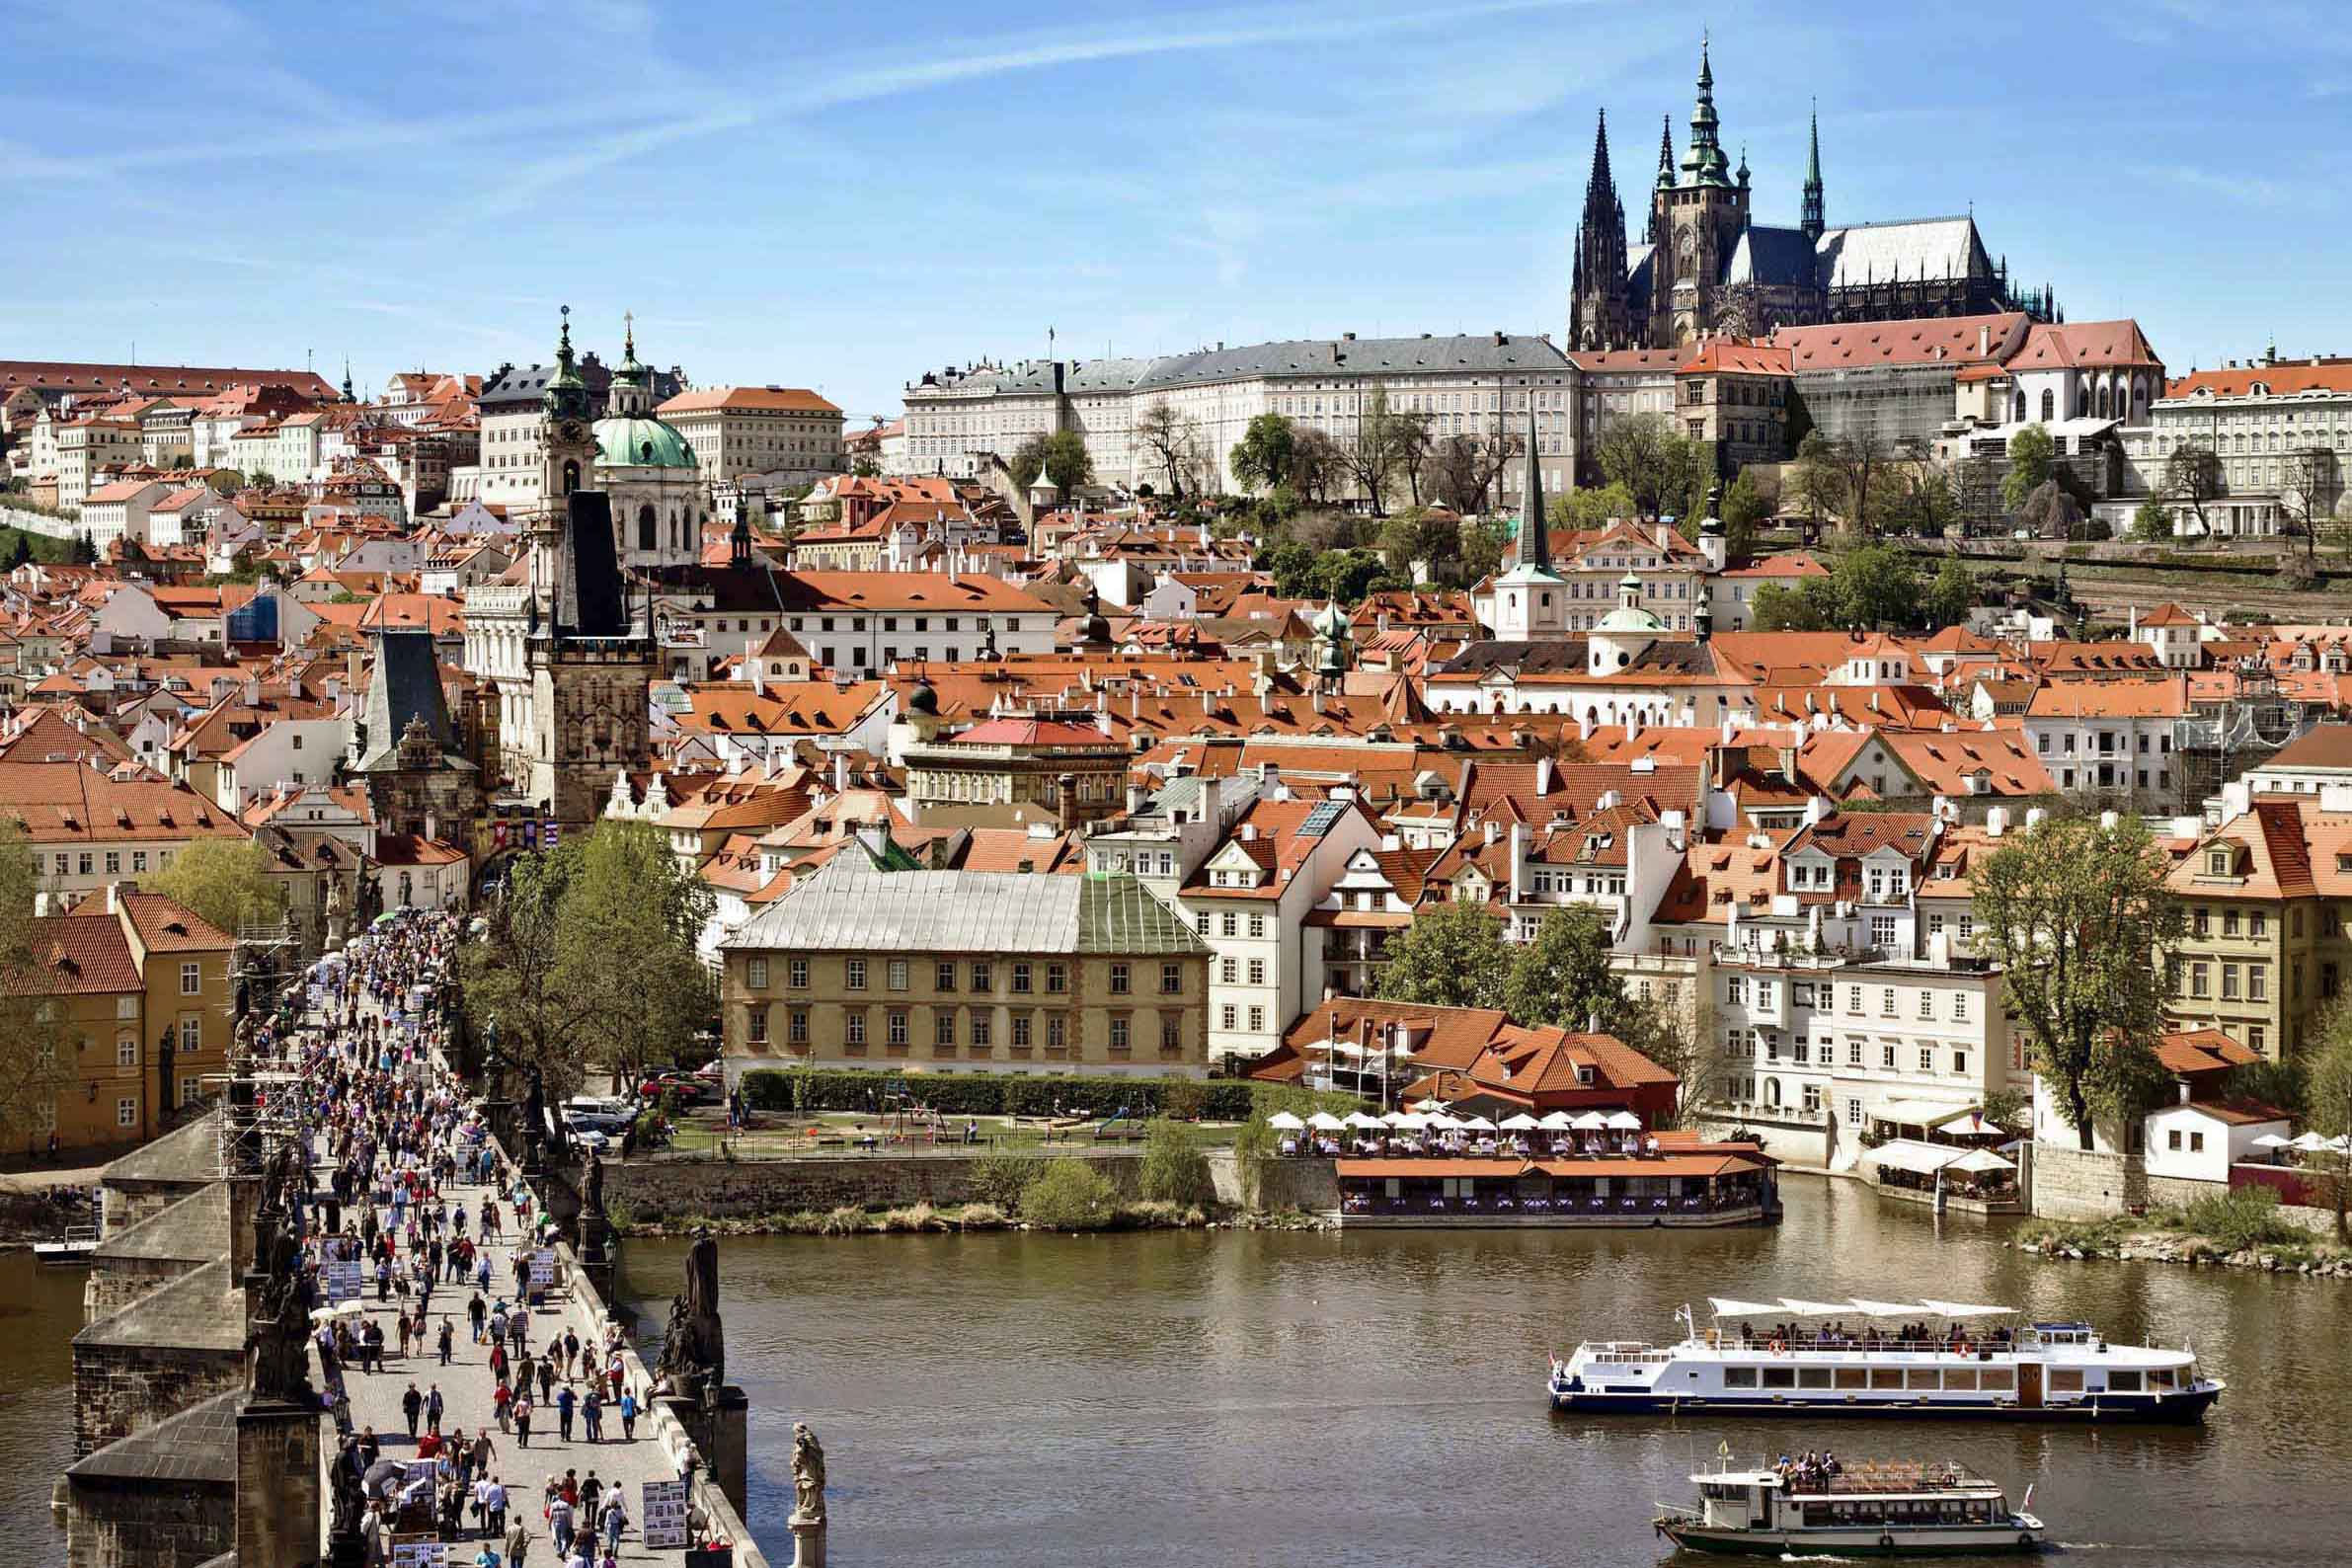 布拉格老城区